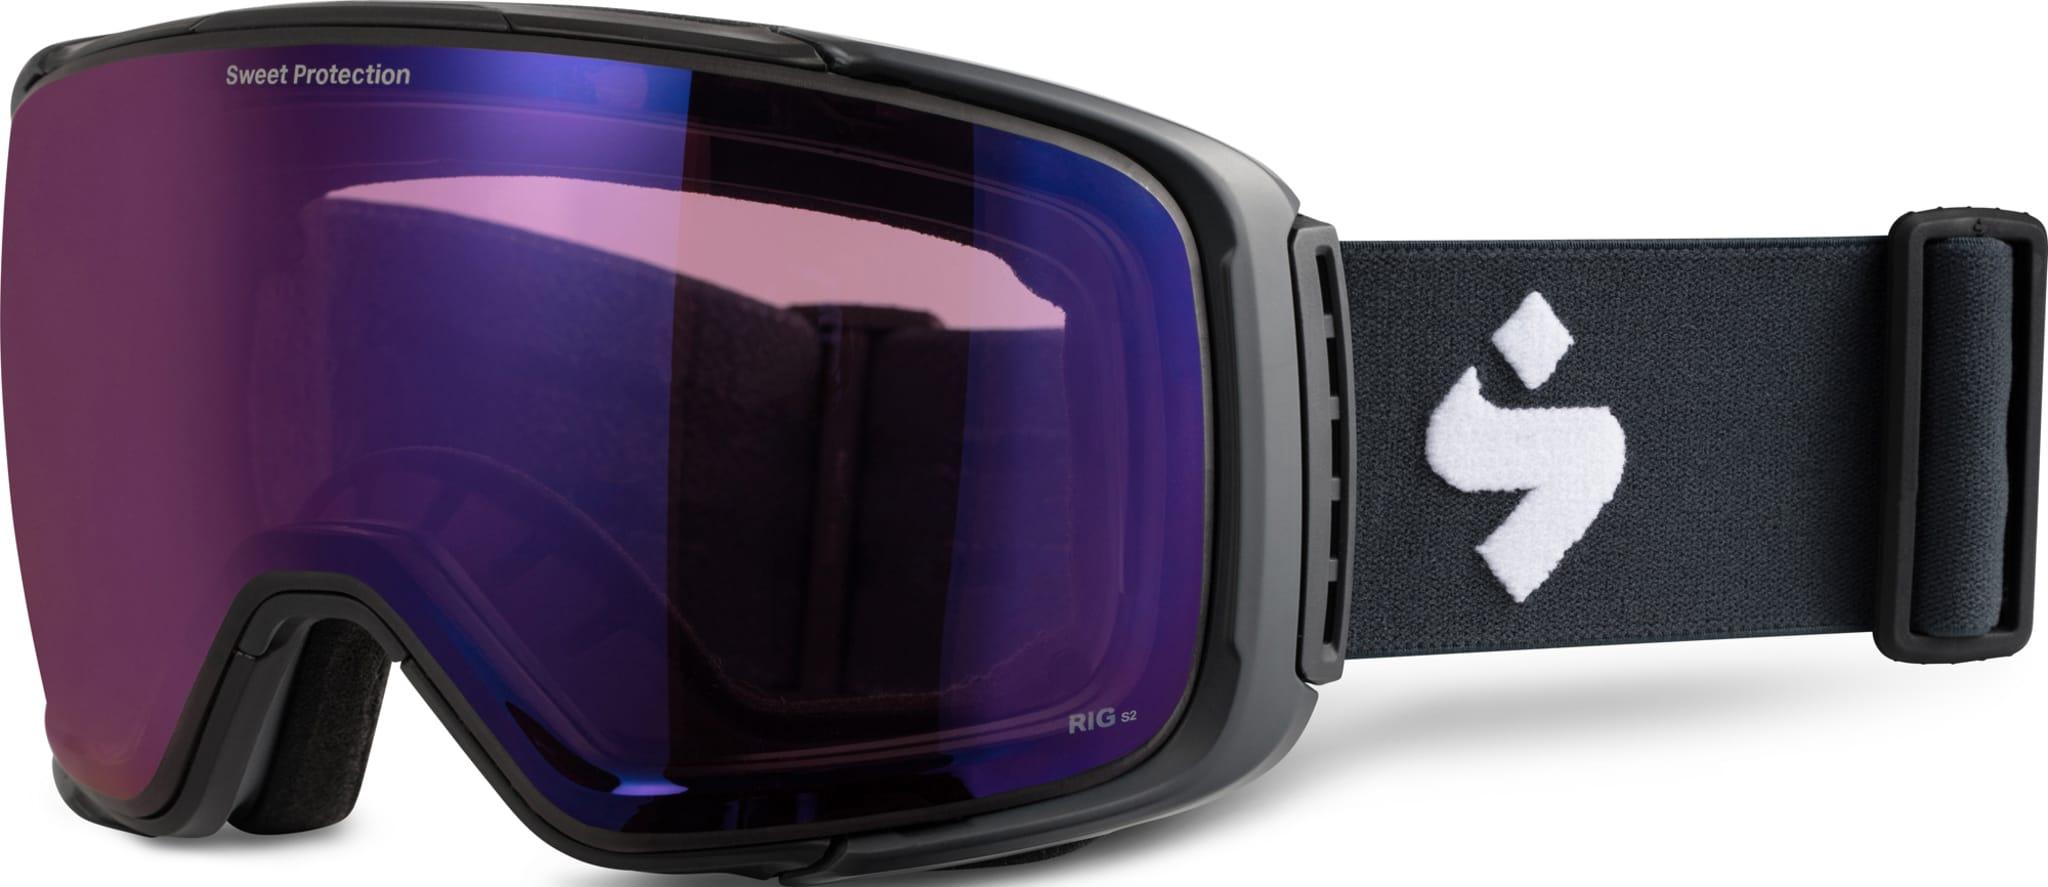 Kompromissløs og revolusjonerende frikjøringsbrille